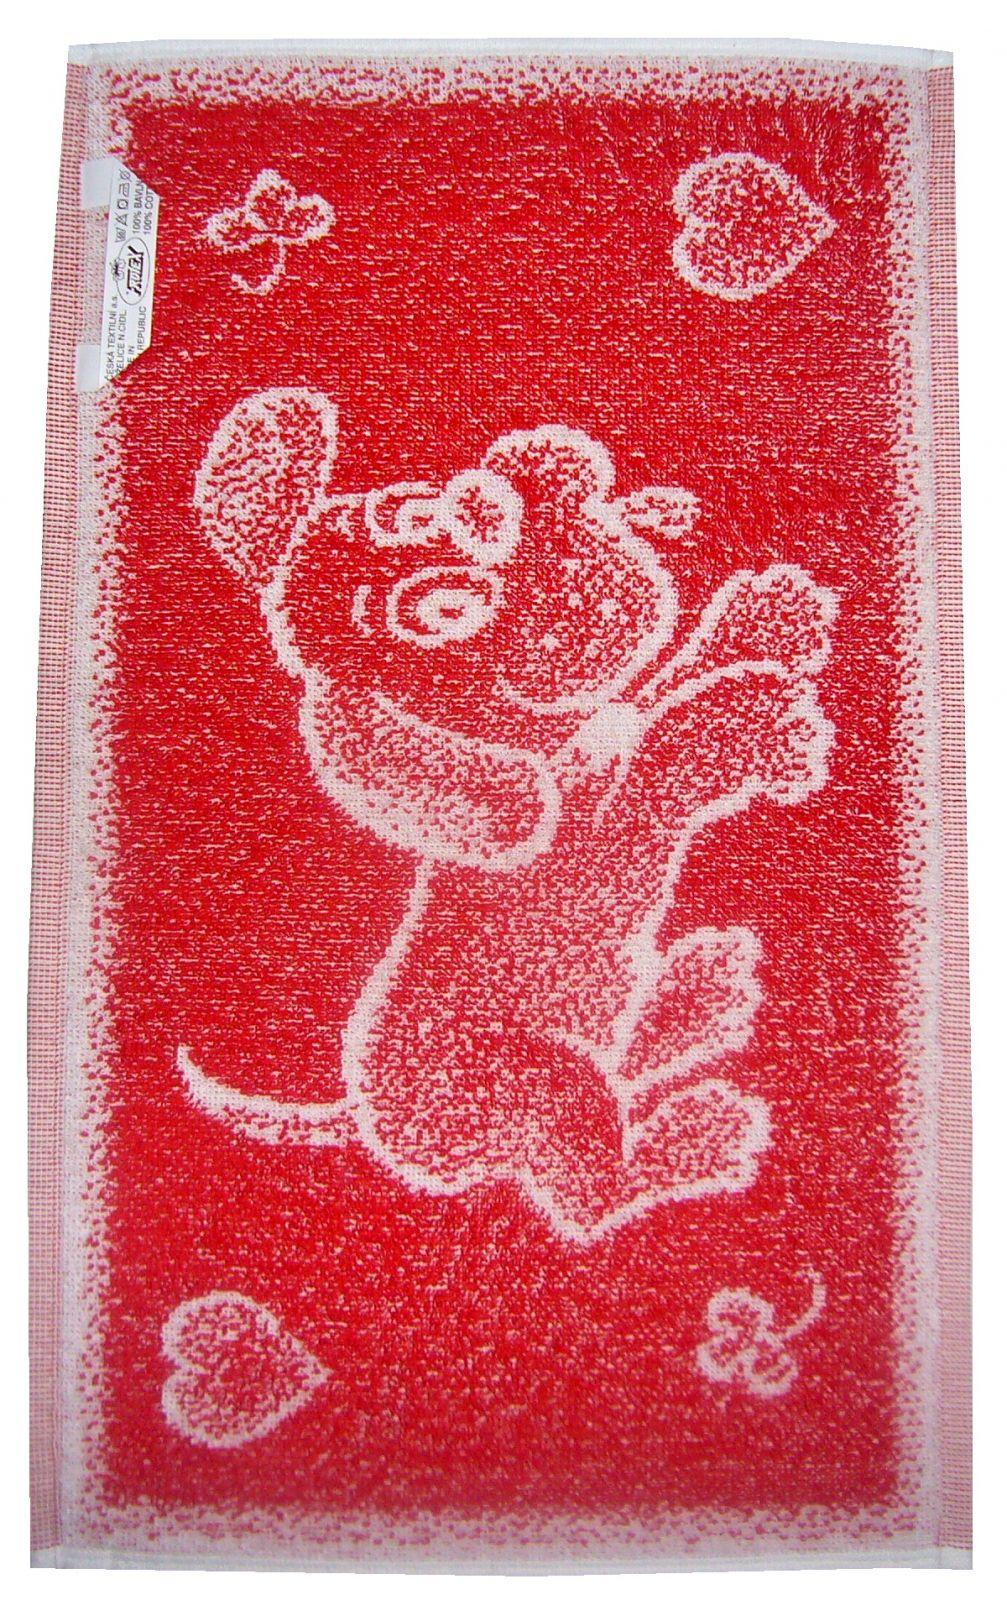 Dětská ručník červený pejsek Frotex